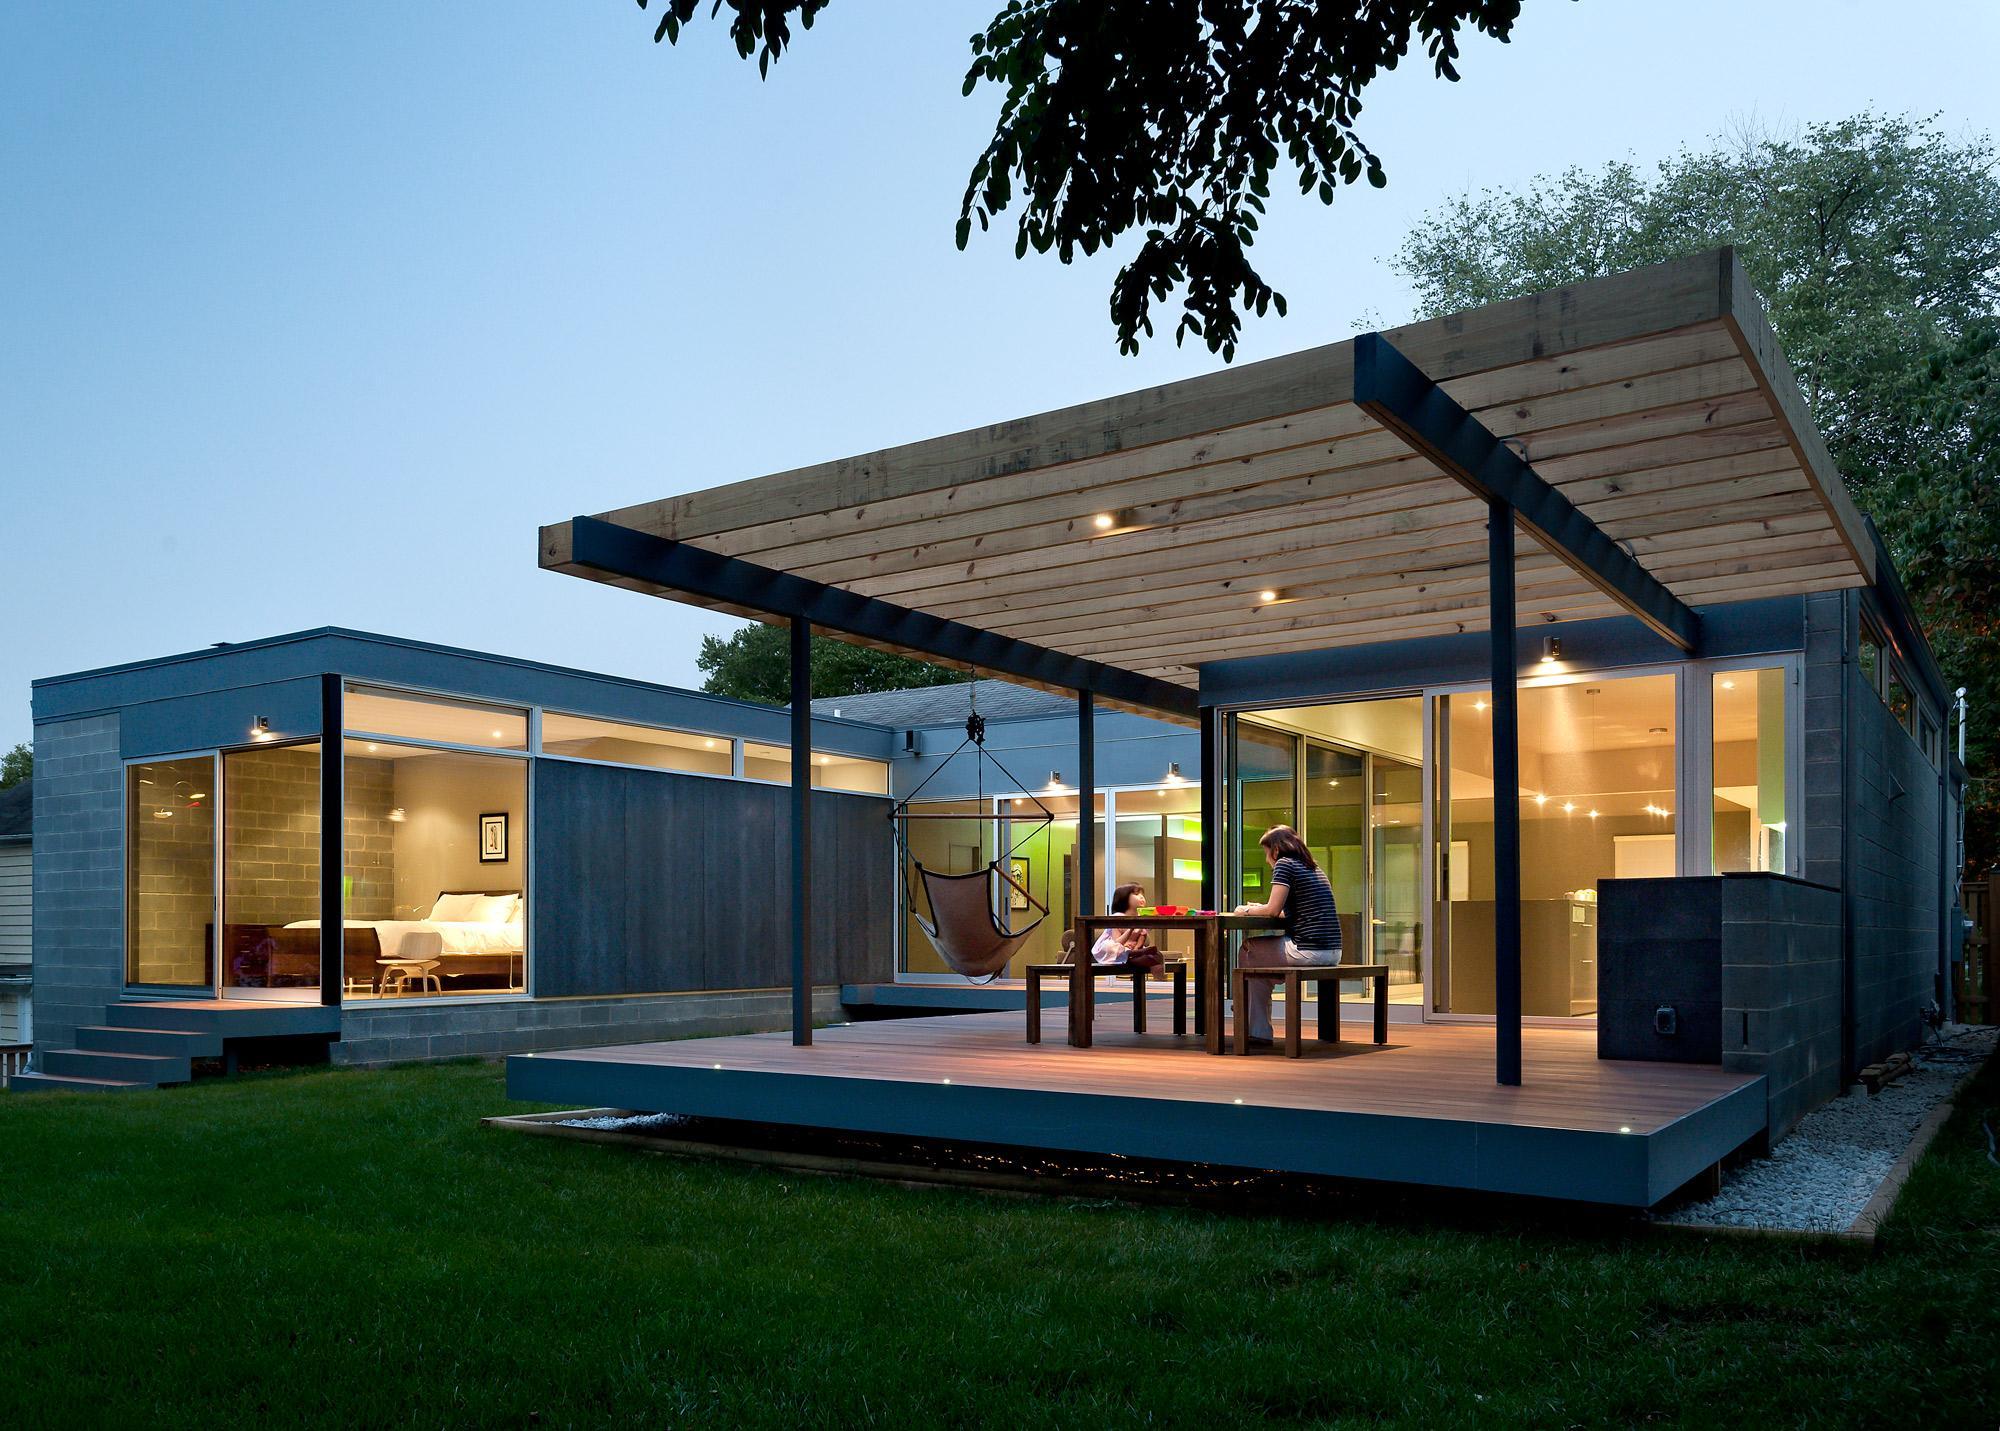 Kube architecture washington dc - Maison design foret kube architecture ...